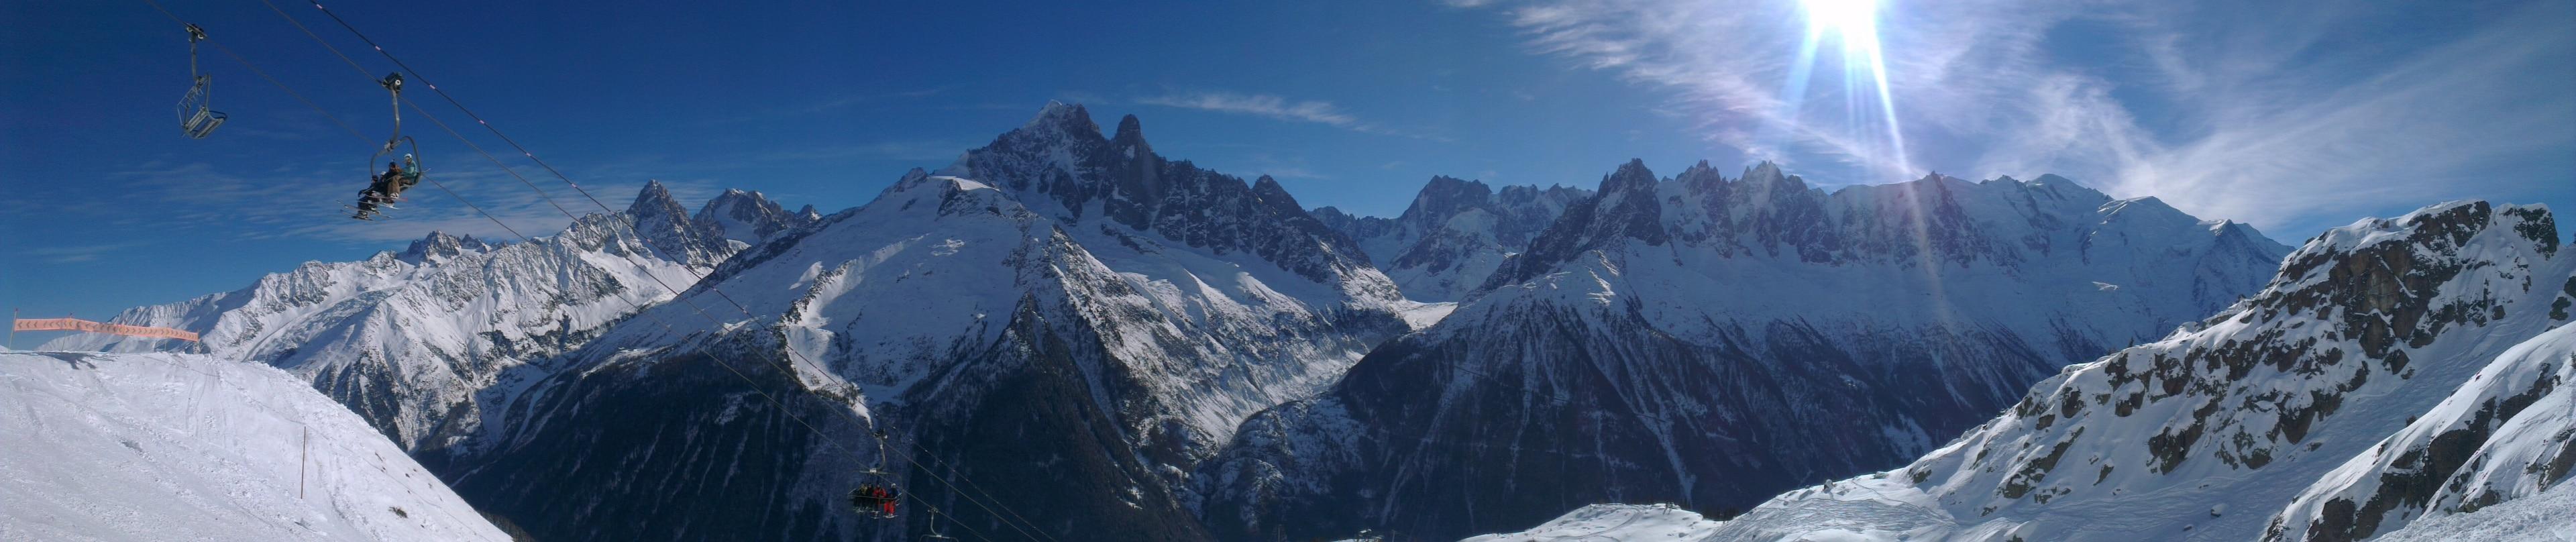 Skigebiet Brévent-Flégère, Chamonix, Haute-Savoie (Département), Frankreich